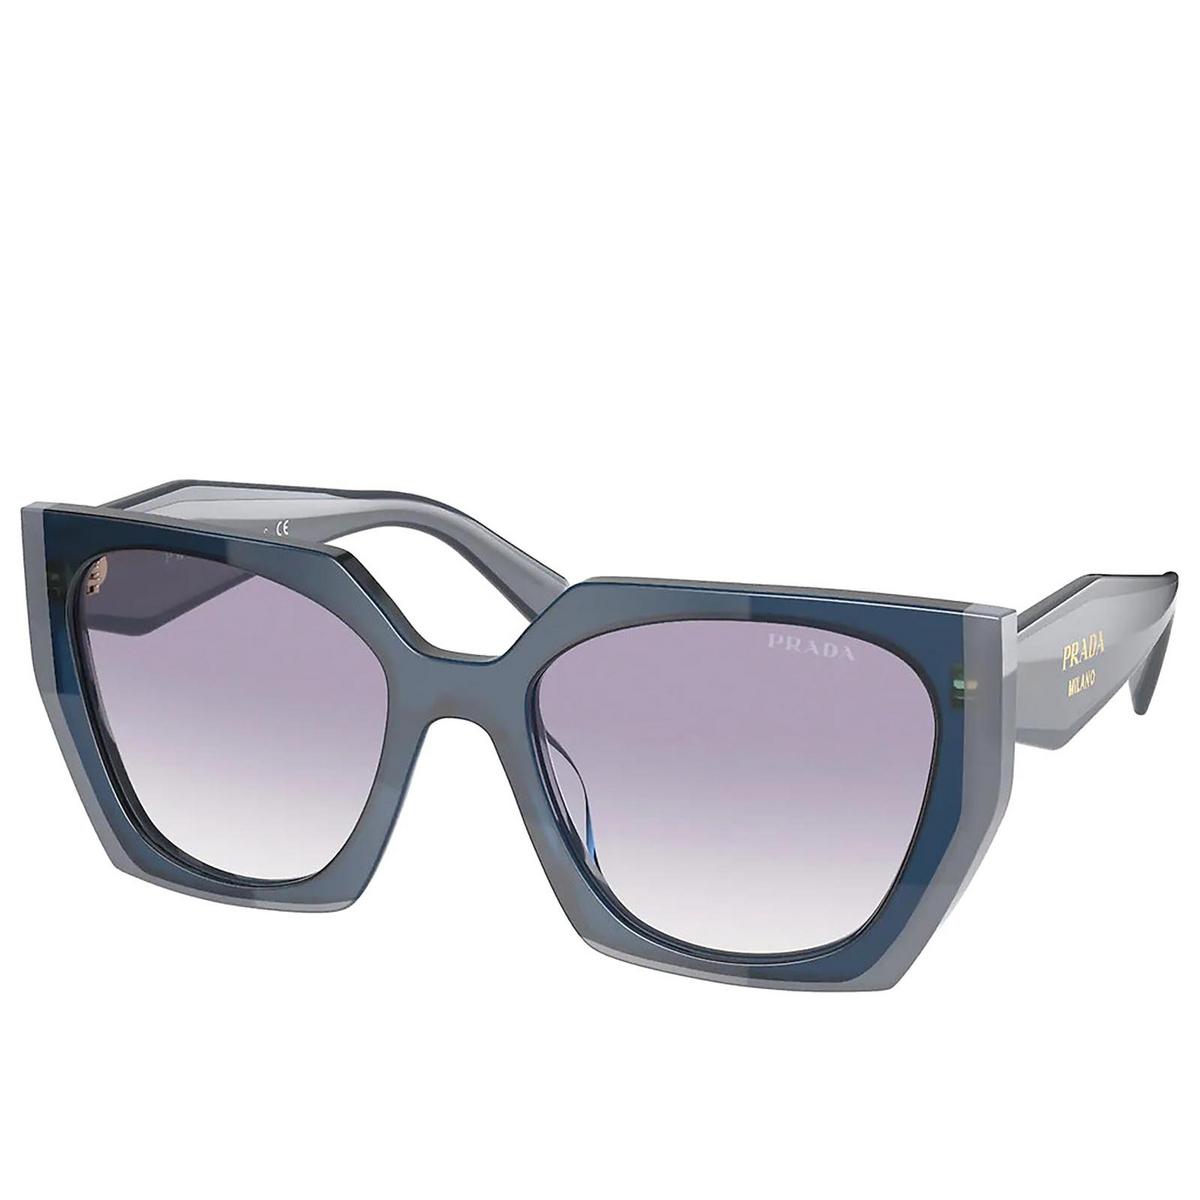 Prada® Square Sunglasses: PR 15WS color Opal Astral 07Q409 - three-quarters view.